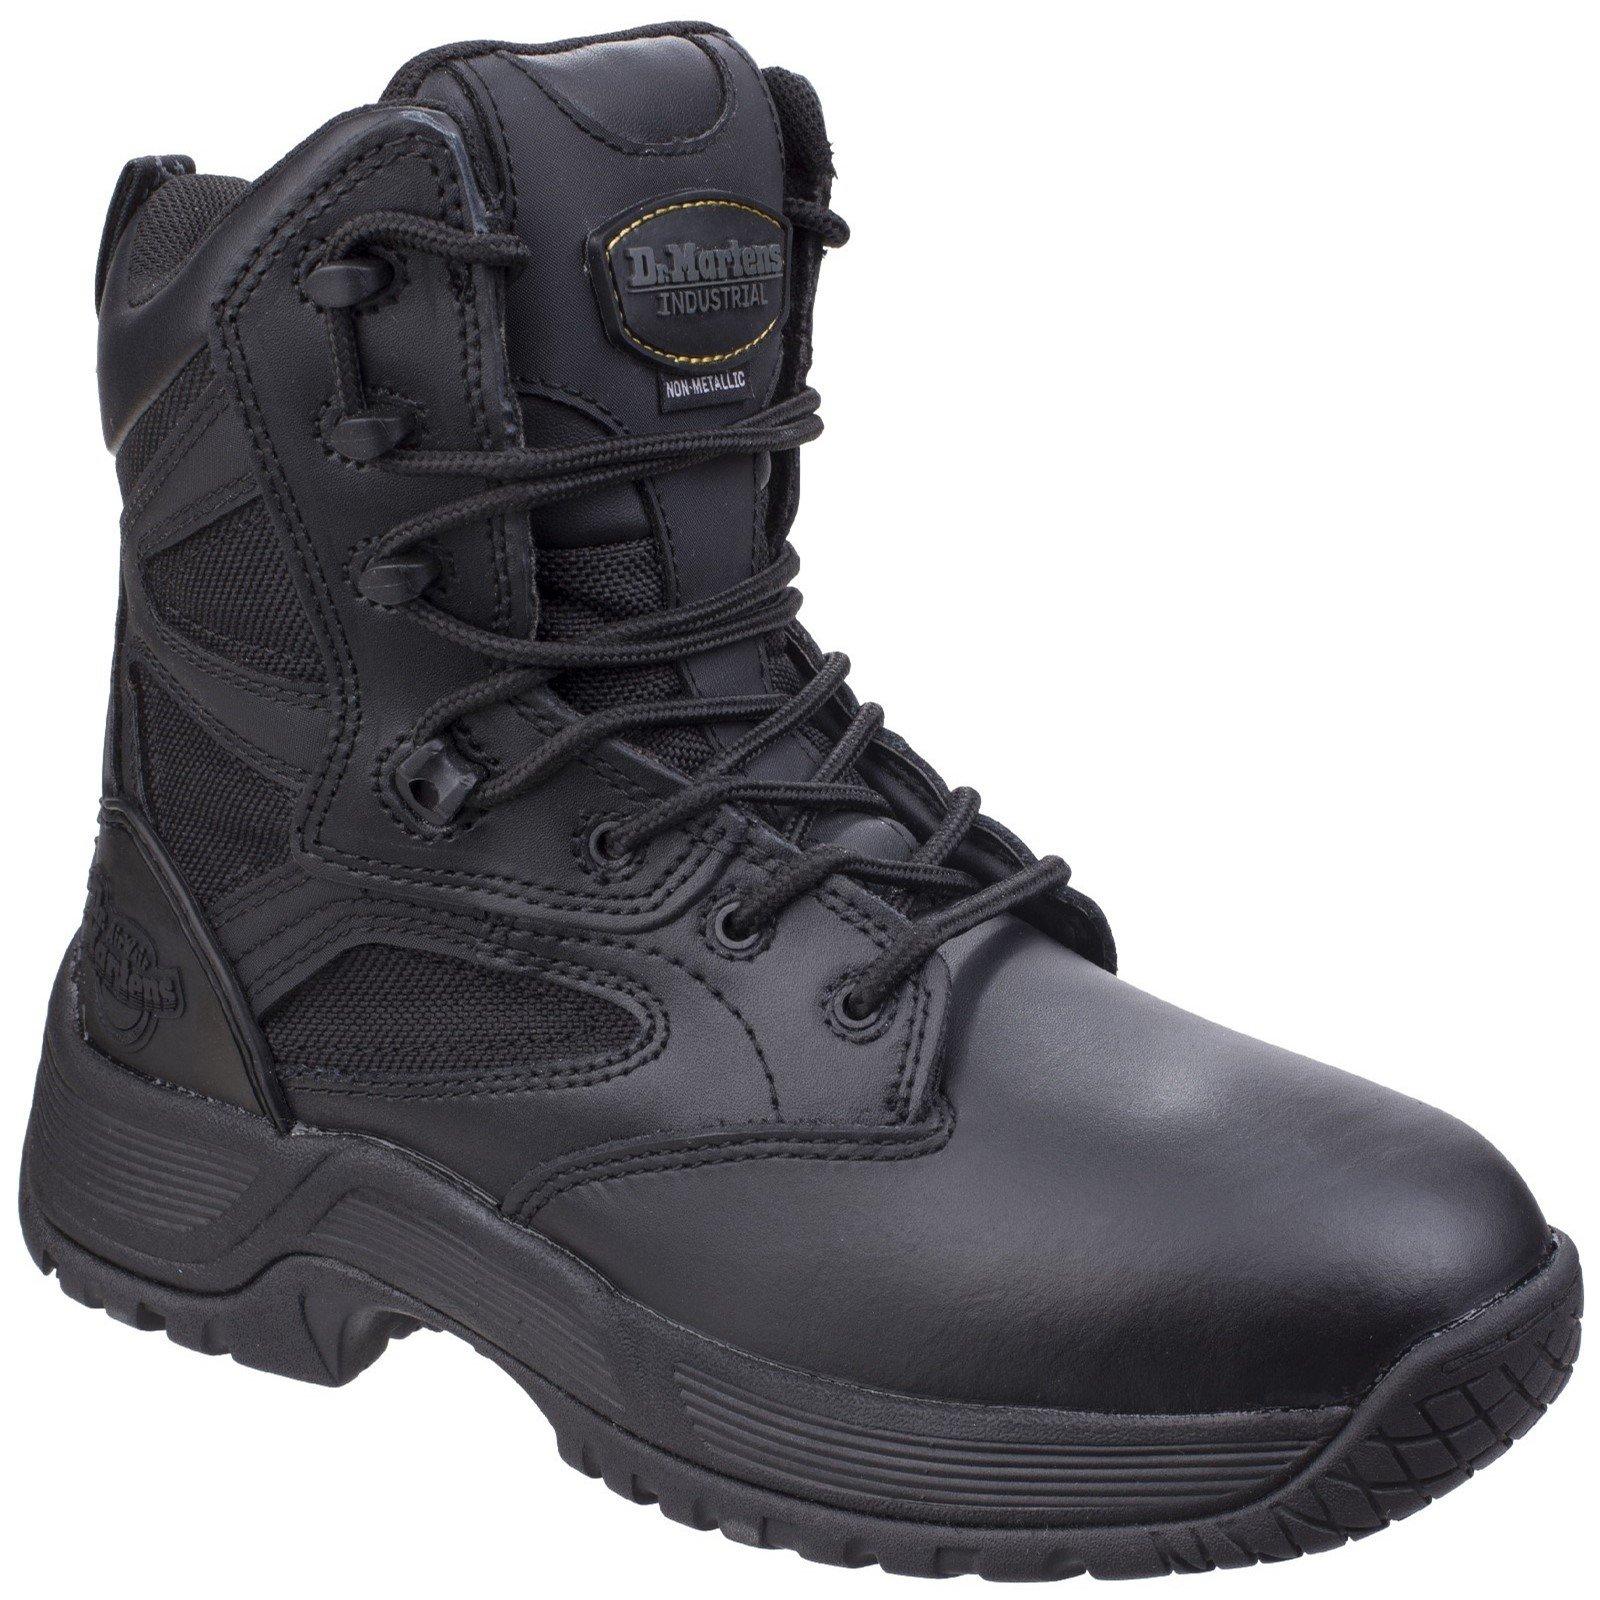 Dr Martens Unisex Skelton Service Boot Black 26028 - Black 7